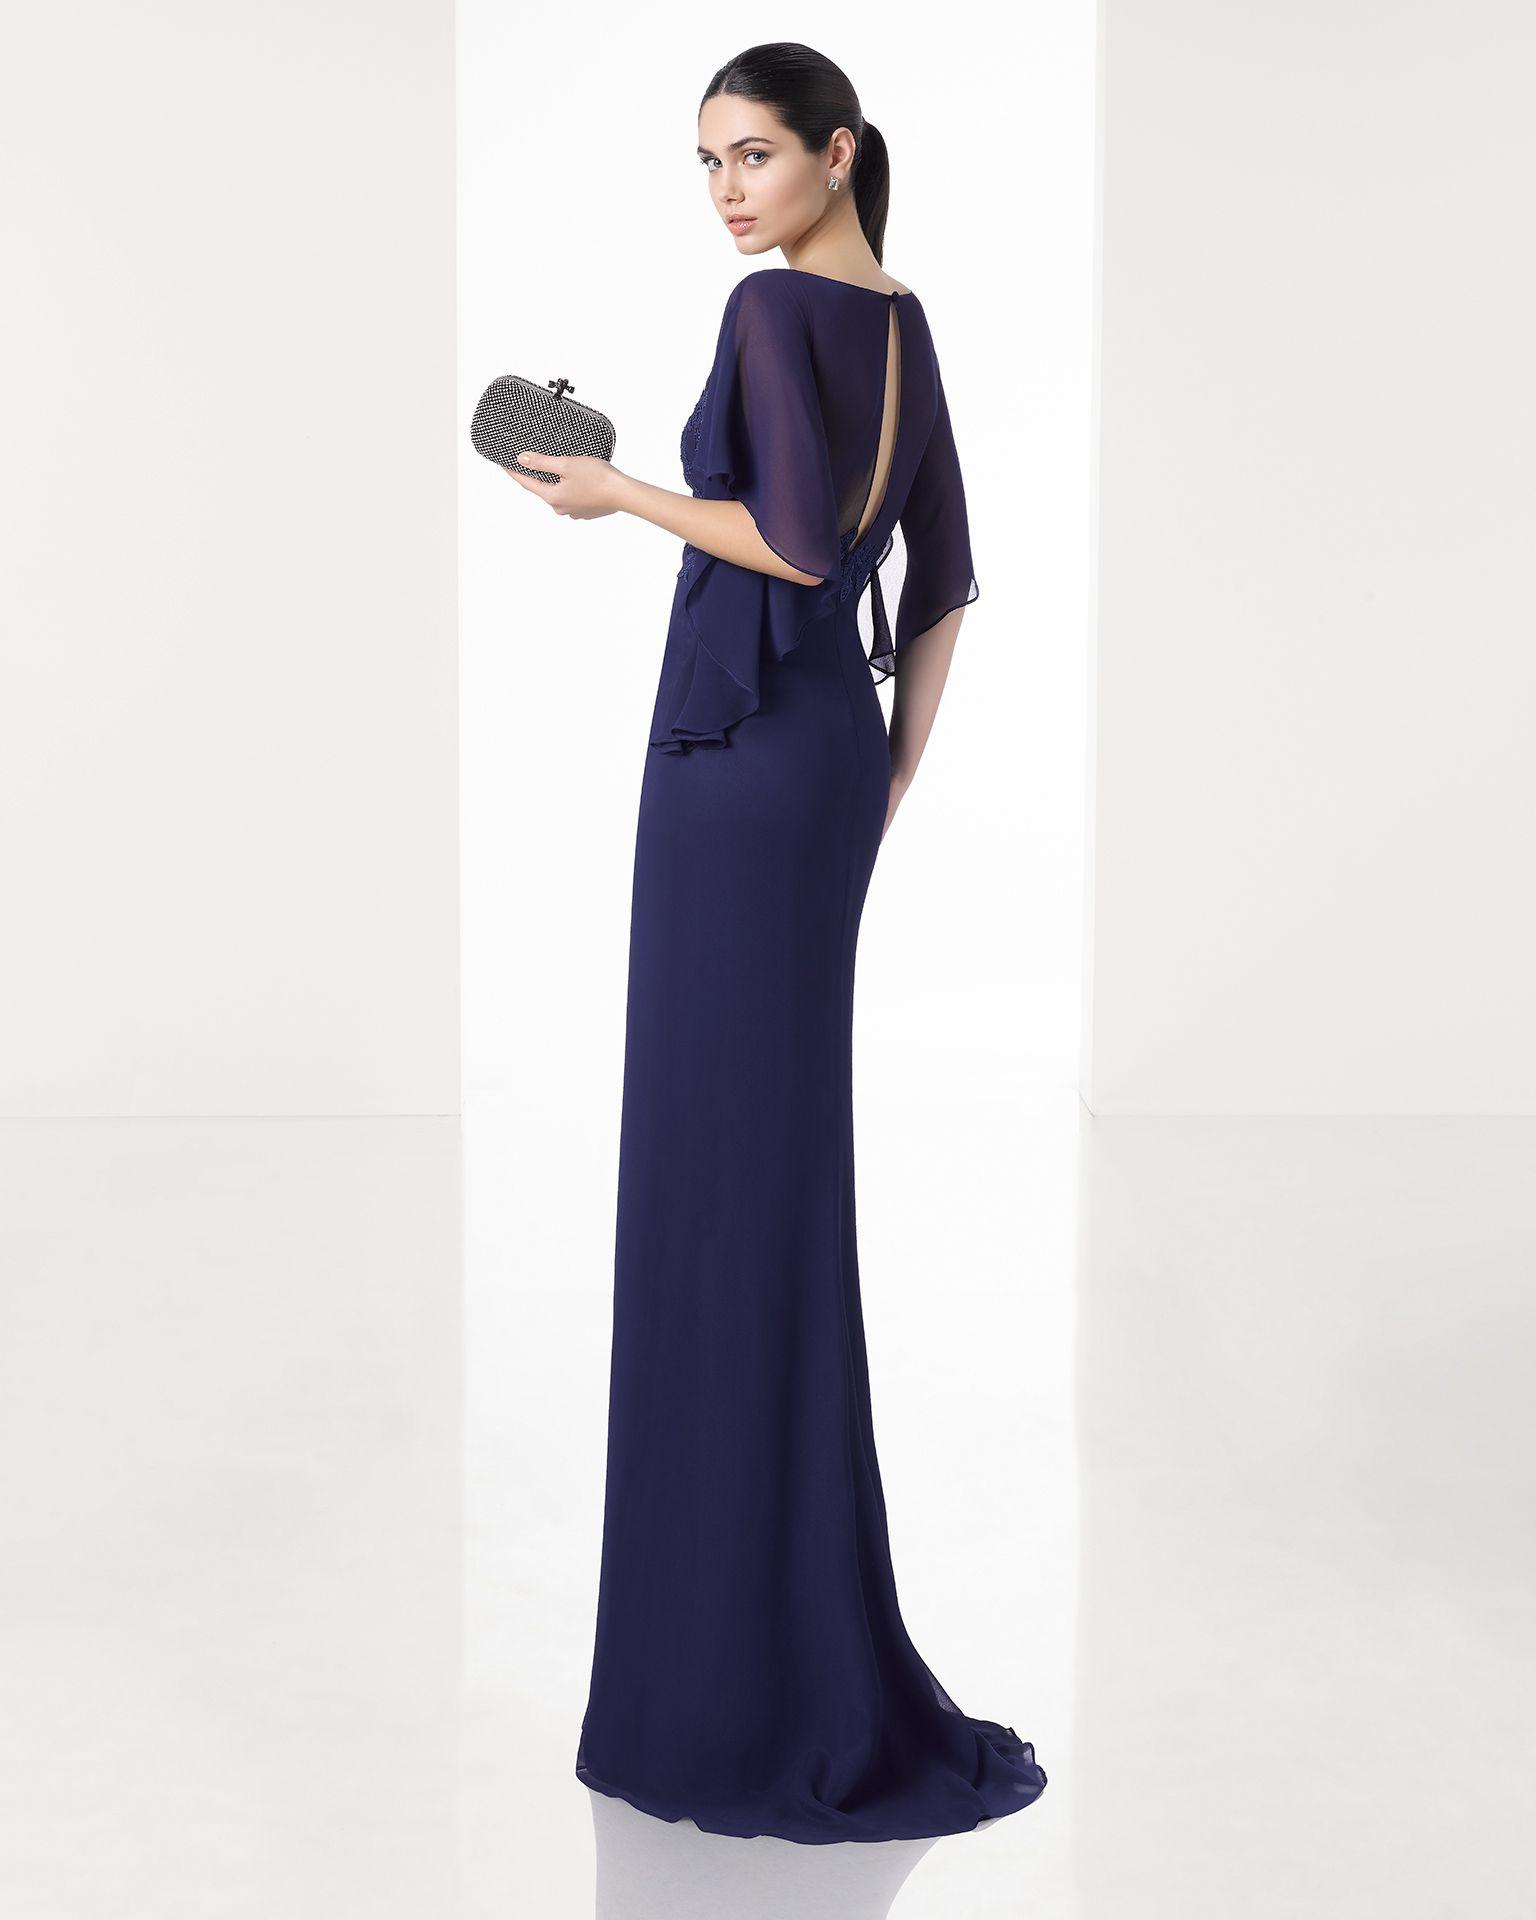 1T150 | leicht Kleid, Kobaltblau und Schulterfrei